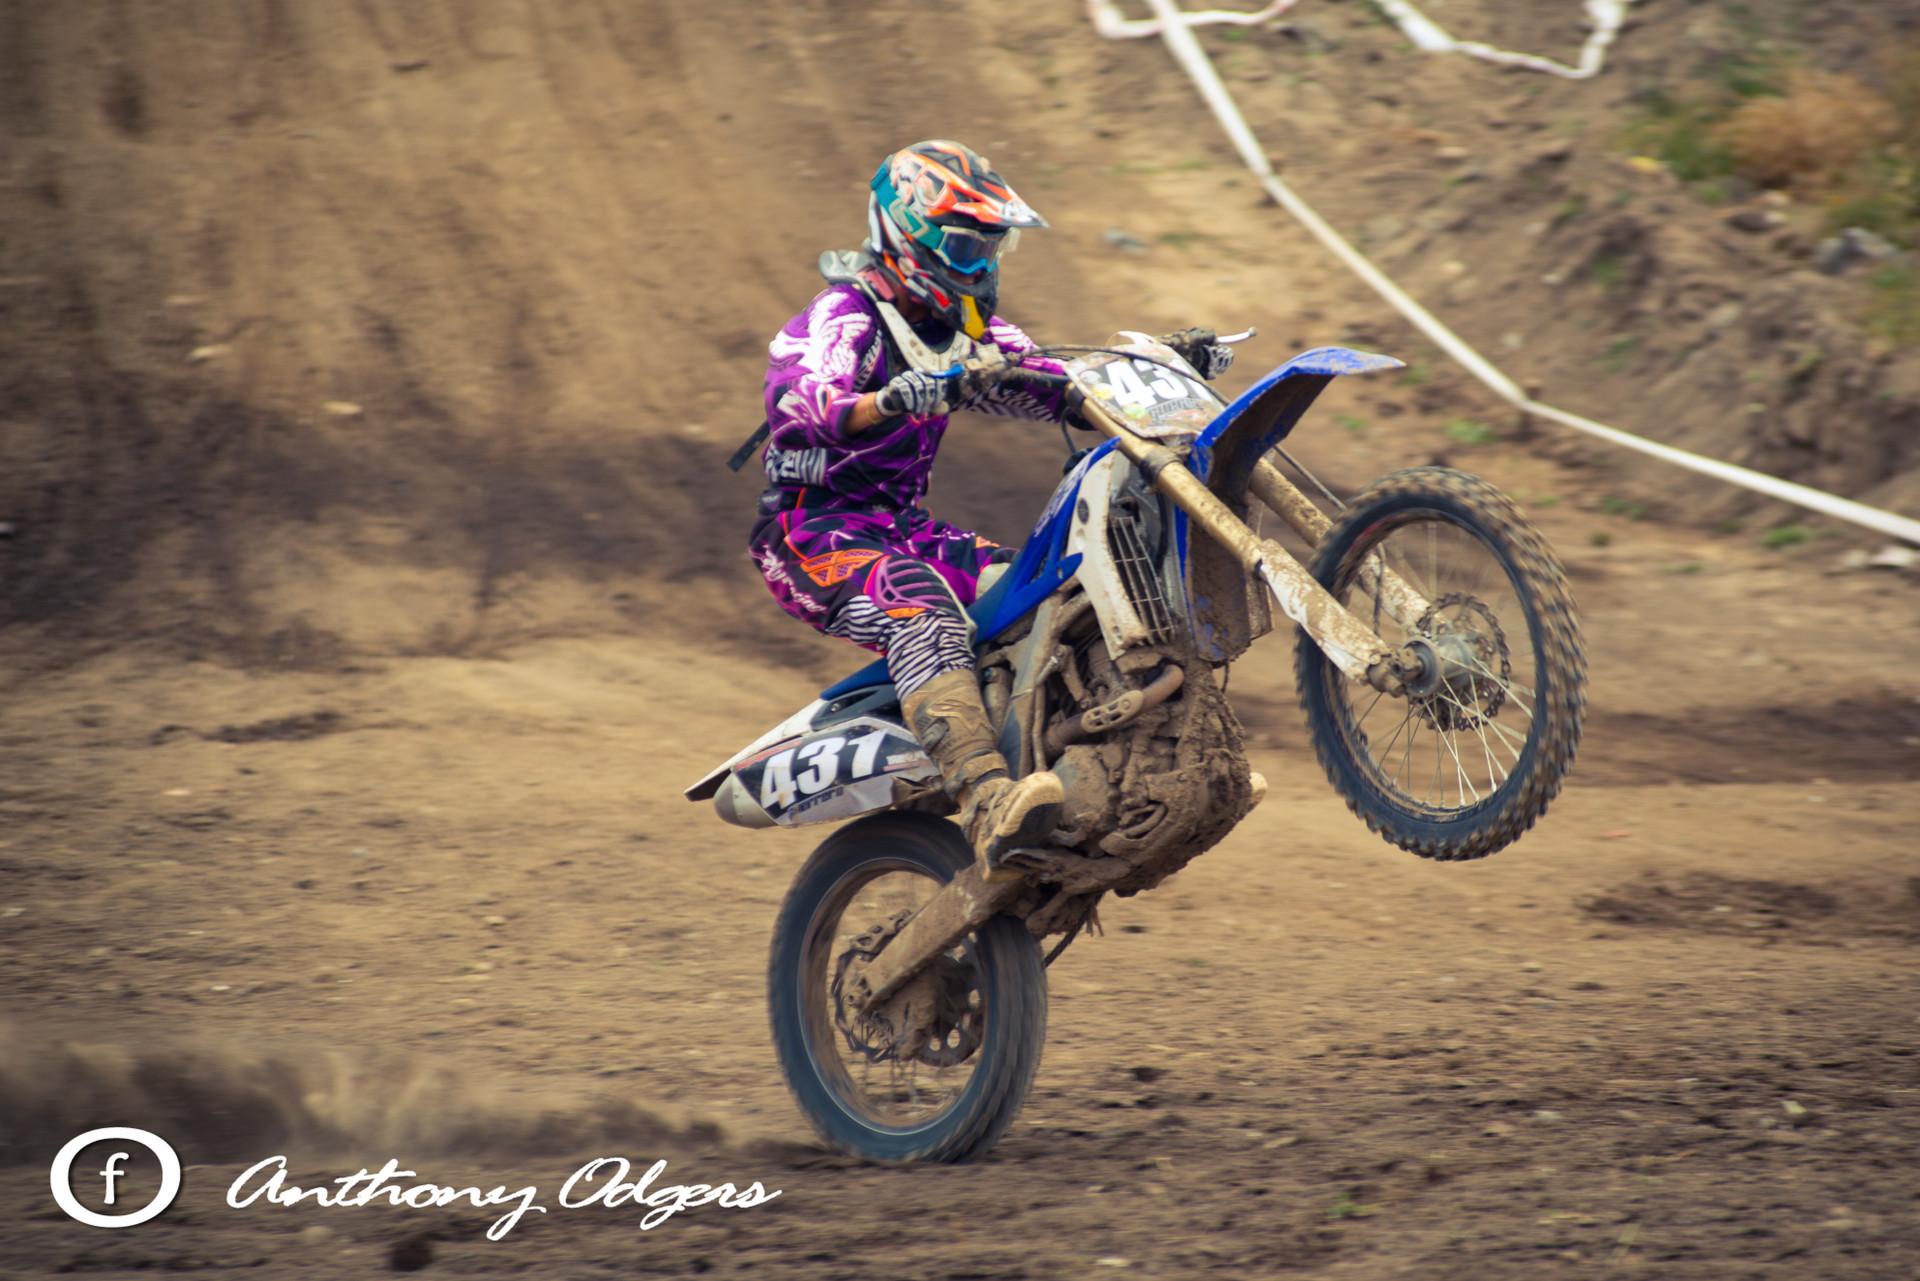 2013-01-06-Motocross Enduro-49.jpg